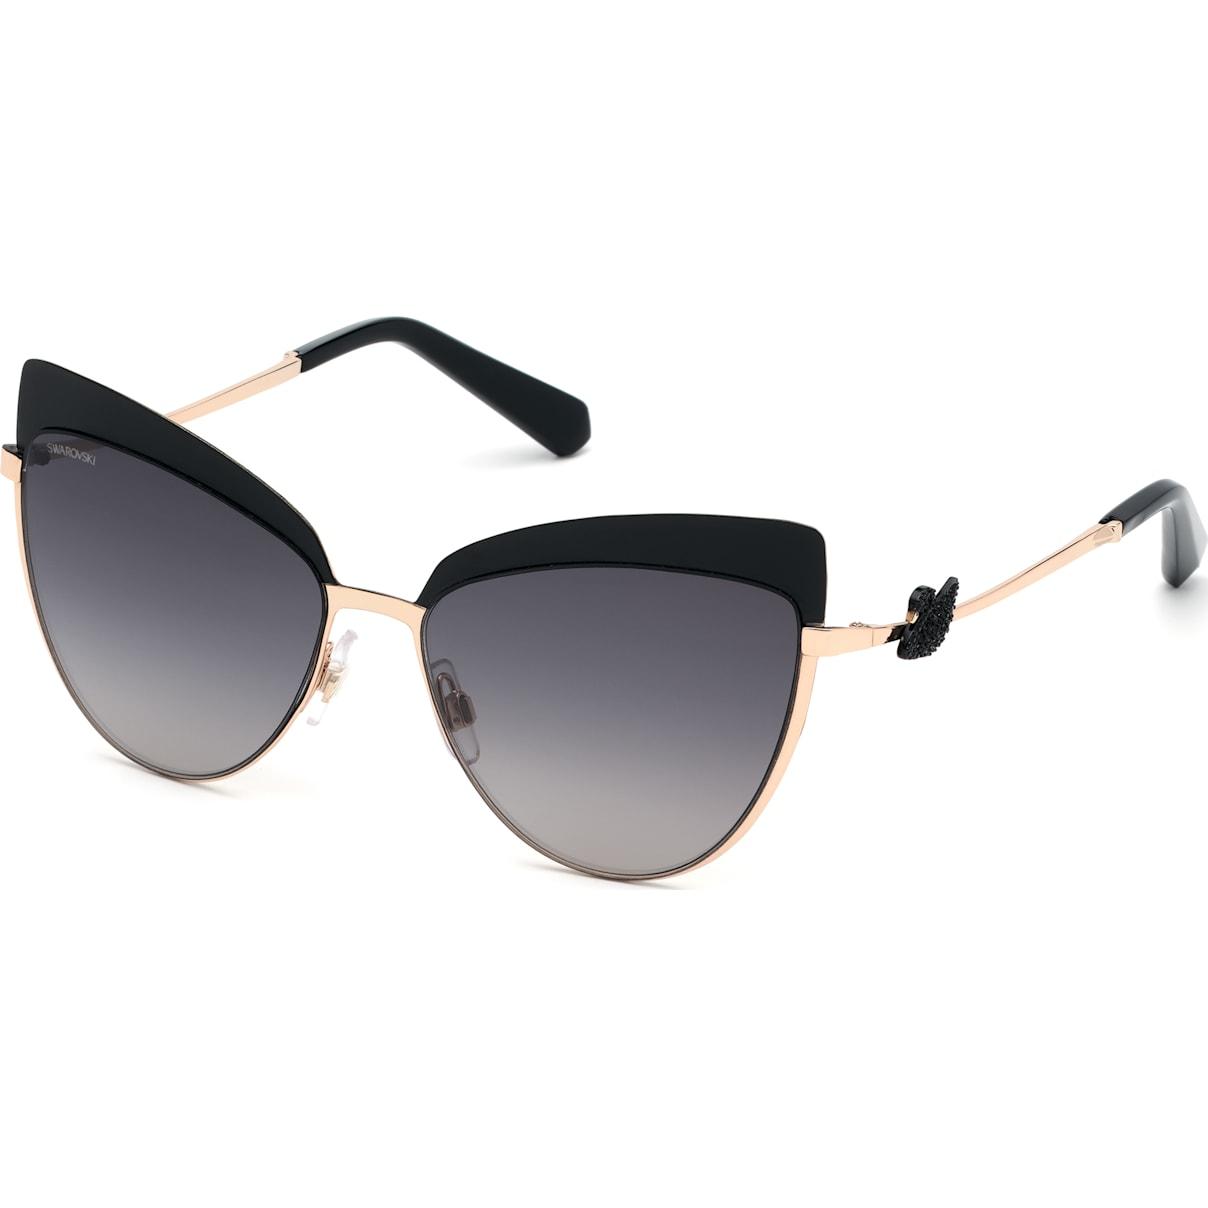 Swarovski Swarovski Sunglasses, SK0220-05B, Black